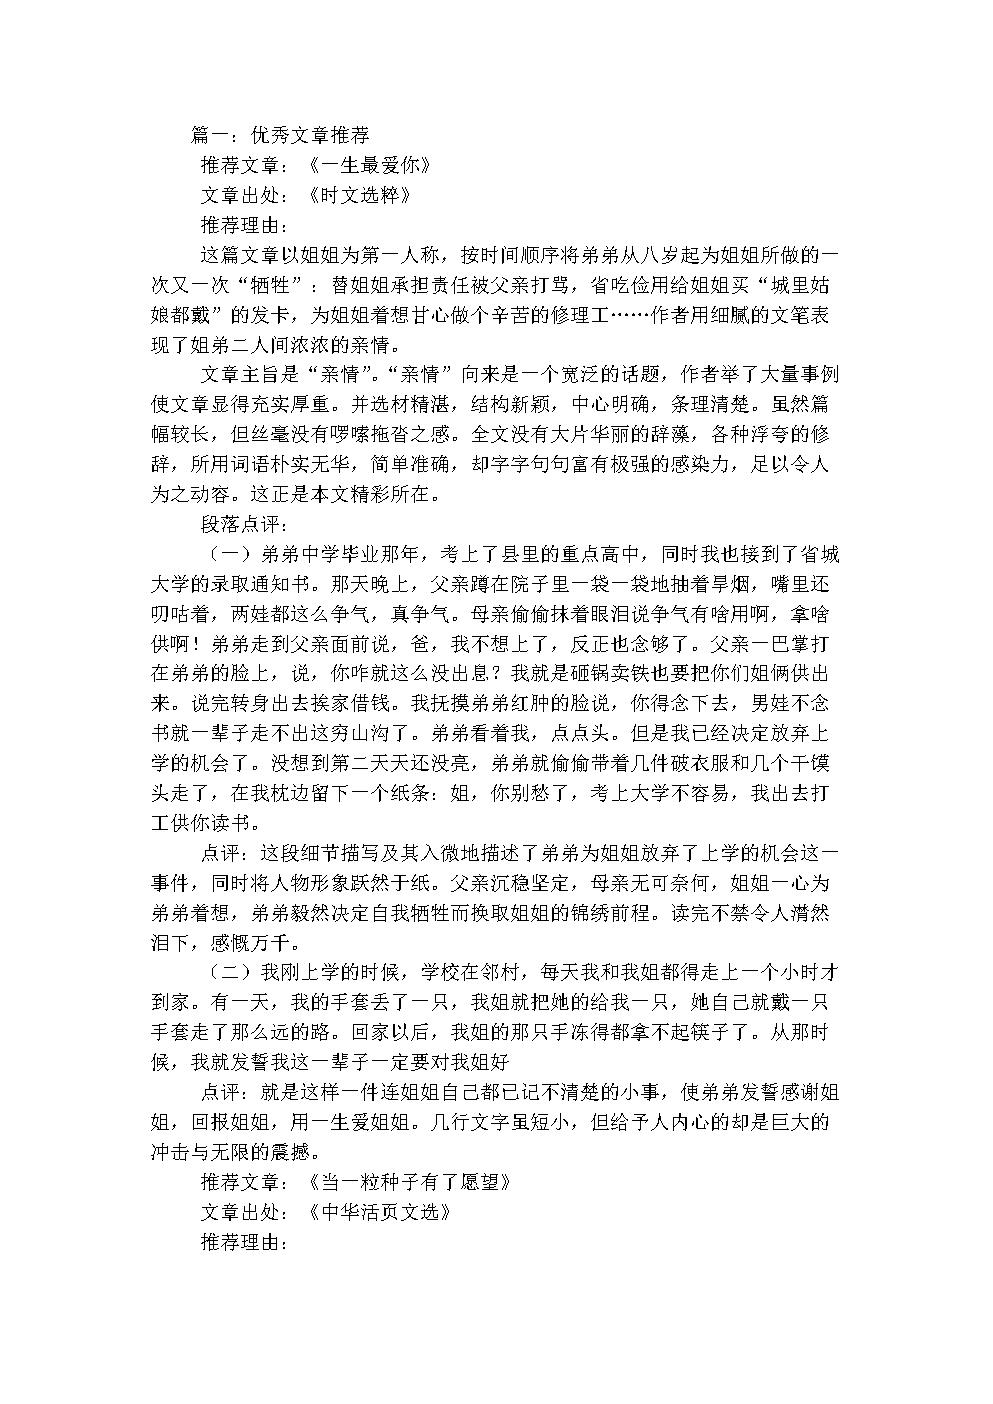 别哭小三-大哲(MP3歌词/LRC歌词) lrc歌词下载 第1张